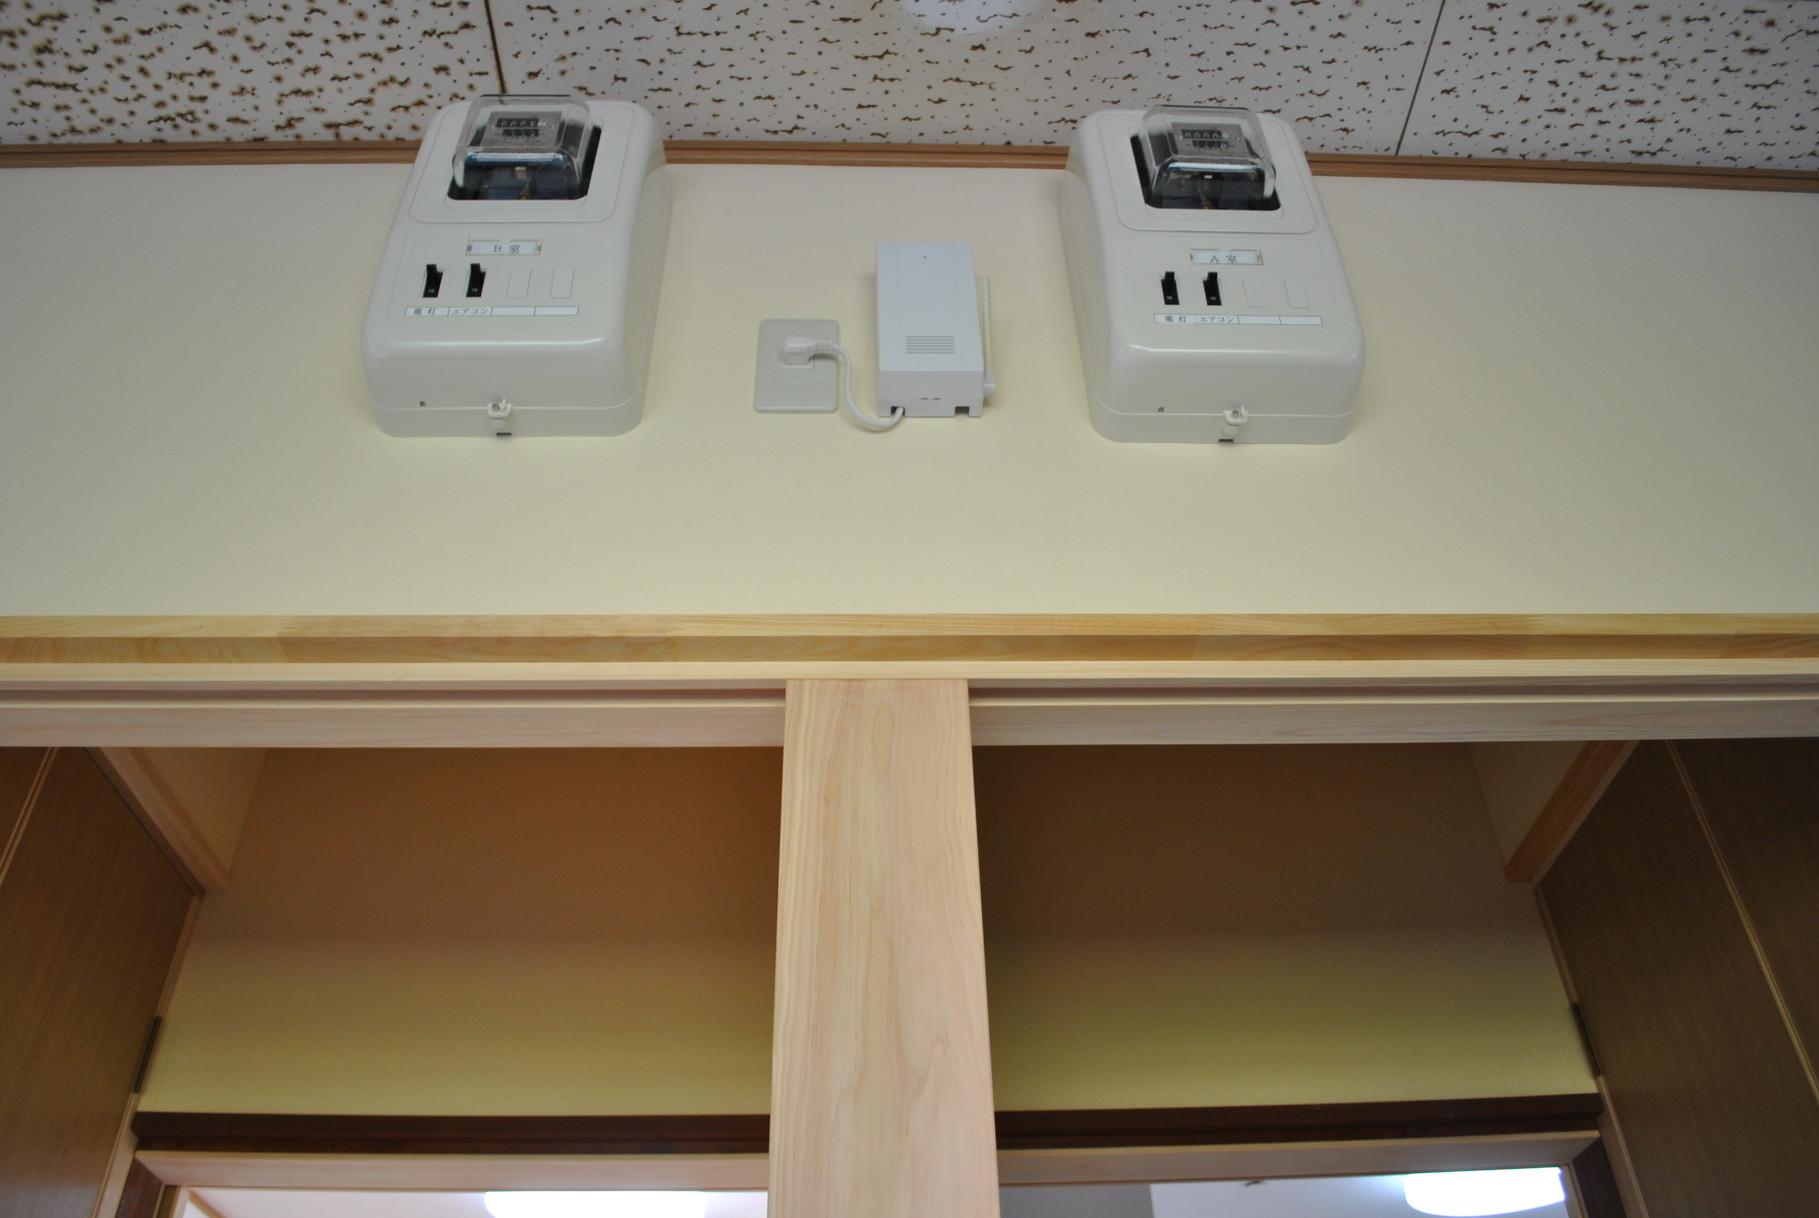 照明はLEDライトで電気使用メーターも各部屋に一個づつ取り付けました